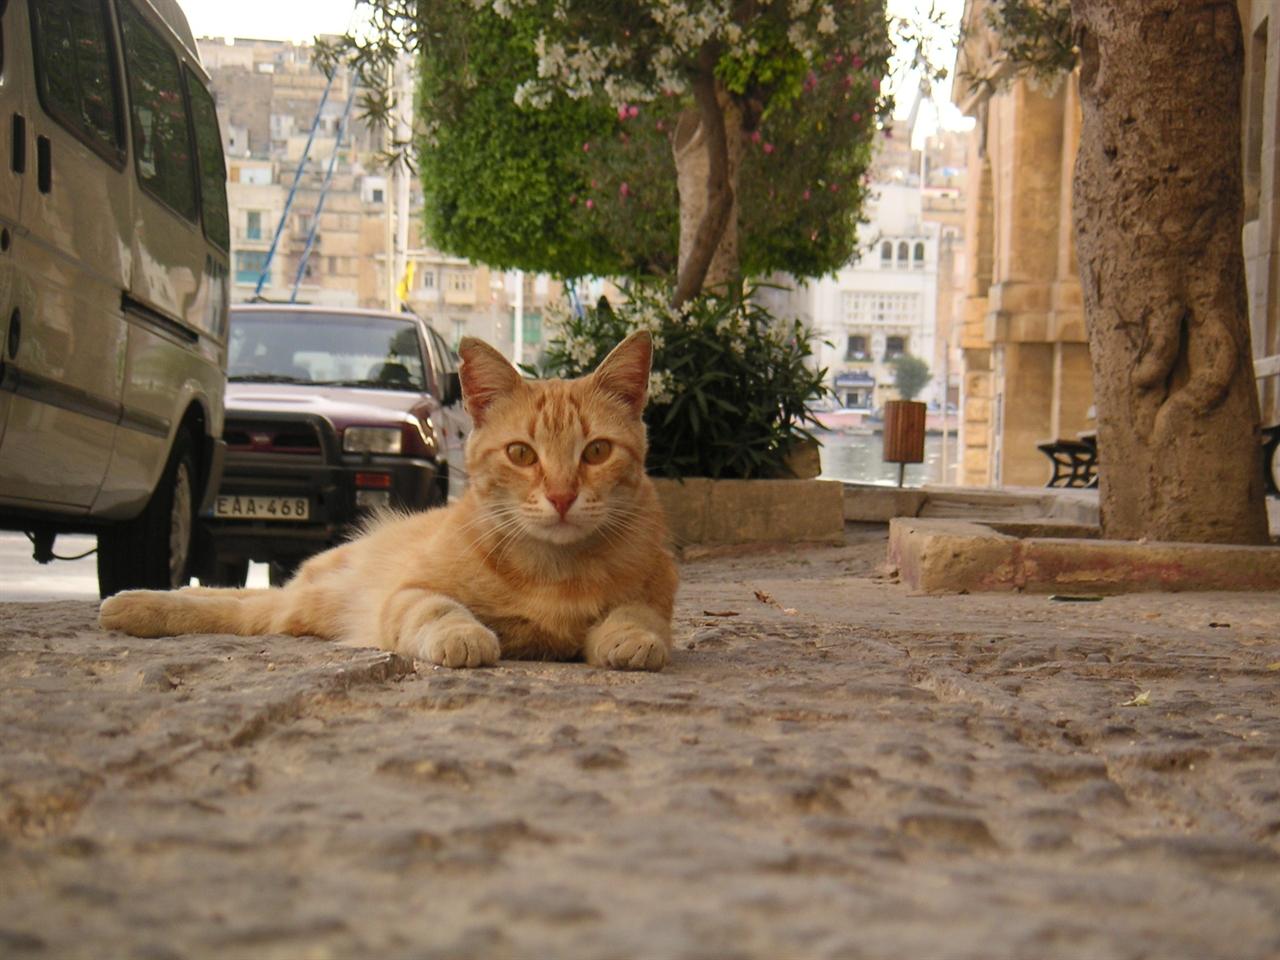 몰타에는 아프거나 보호가 필요한 고양이들을 돌보는 고양이센터 National Cat Society Thomasina Cat Sanctuary 가 있다. 자원봉사를 희망하는 사람도 참여가 가능하다.   www.maltesecats.2kat.net (사진 제공=몰타관광청)